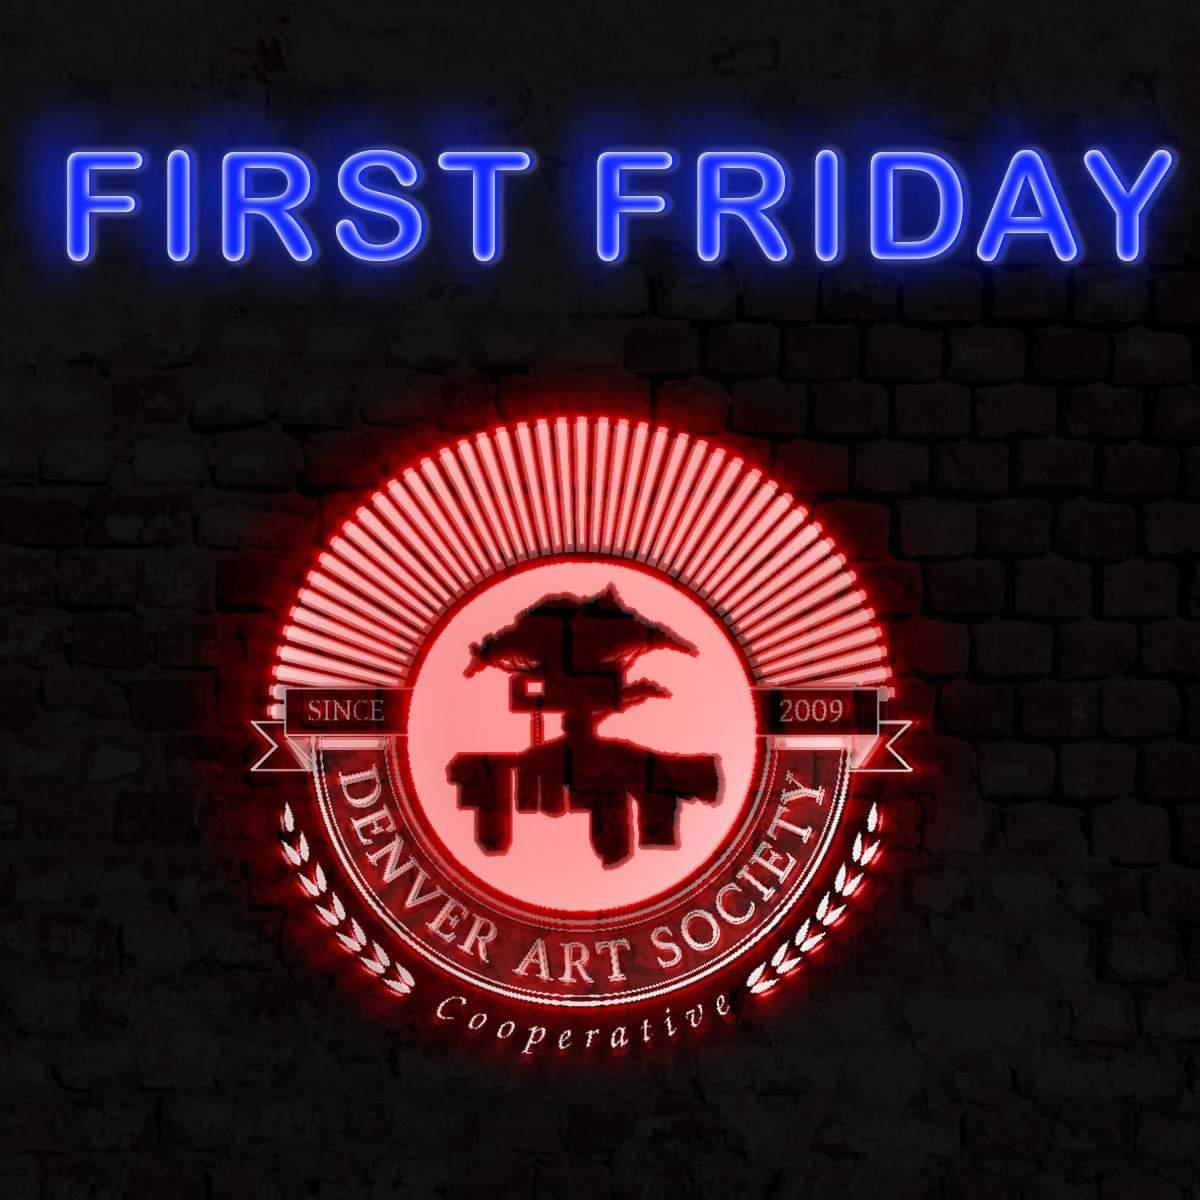 Denver Art Society First Friday